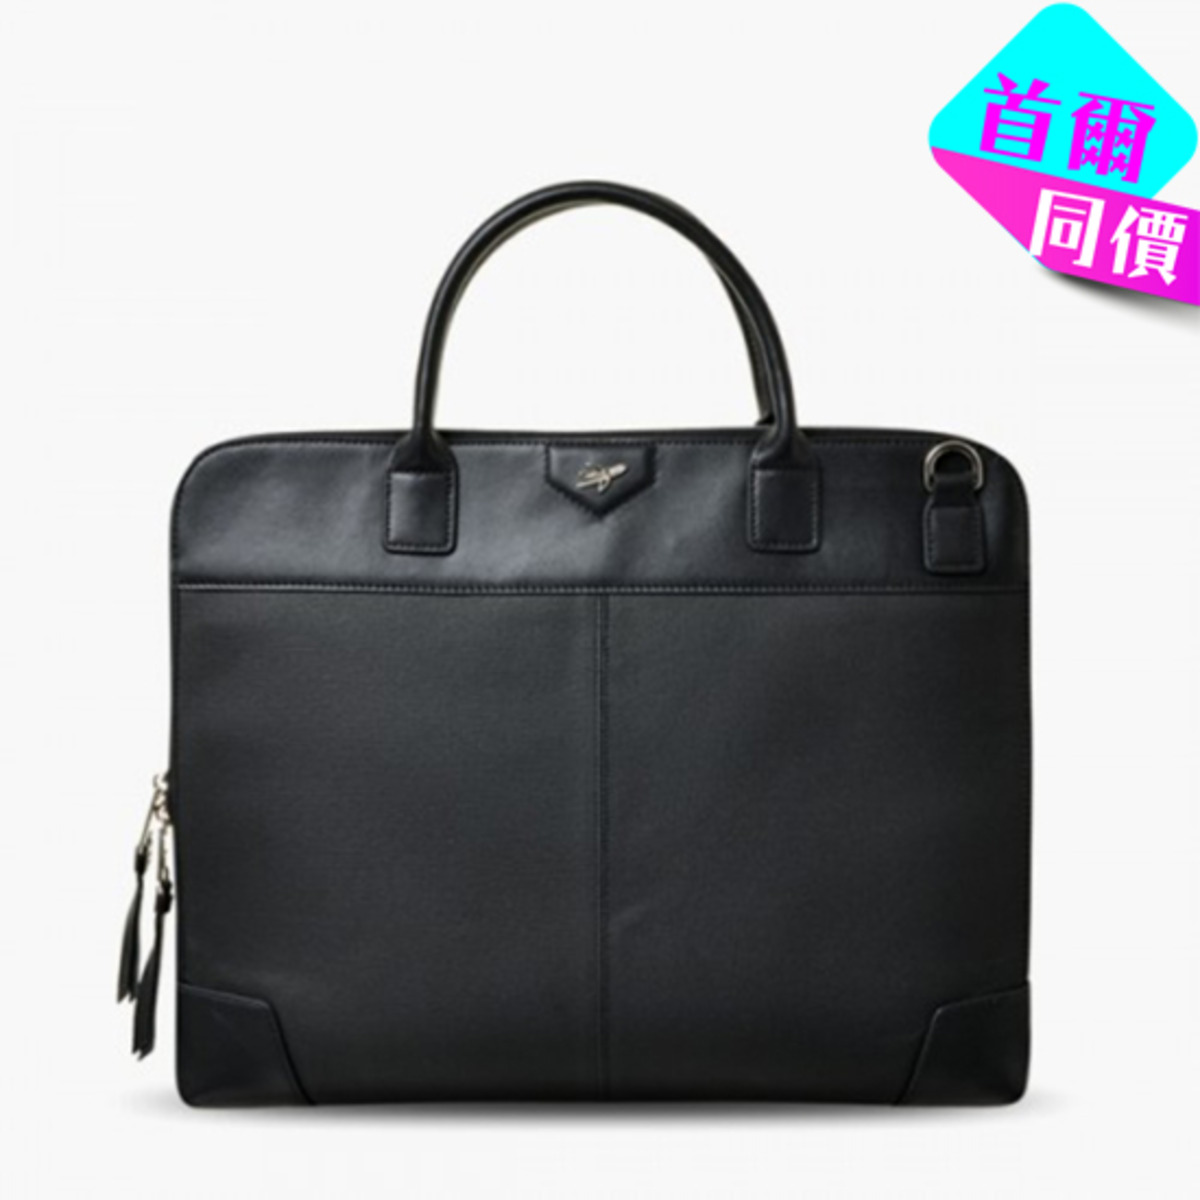 輕便商務公事包 (可手提/斜孭) (黑)_P00000EV